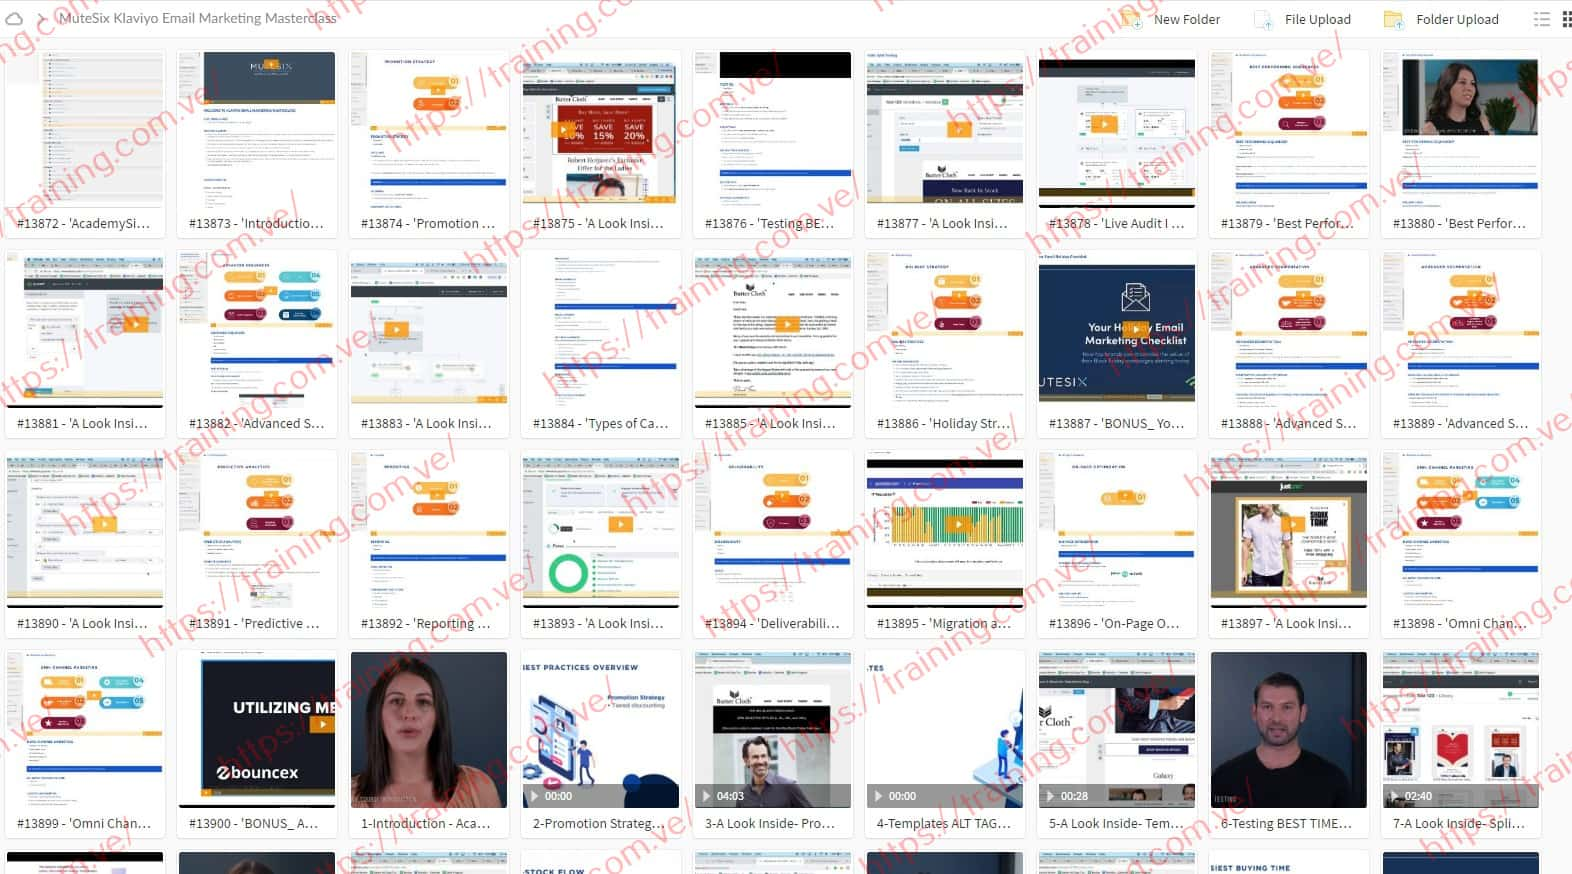 MuteSix Klaviyo Email Marketing Masterclass Download